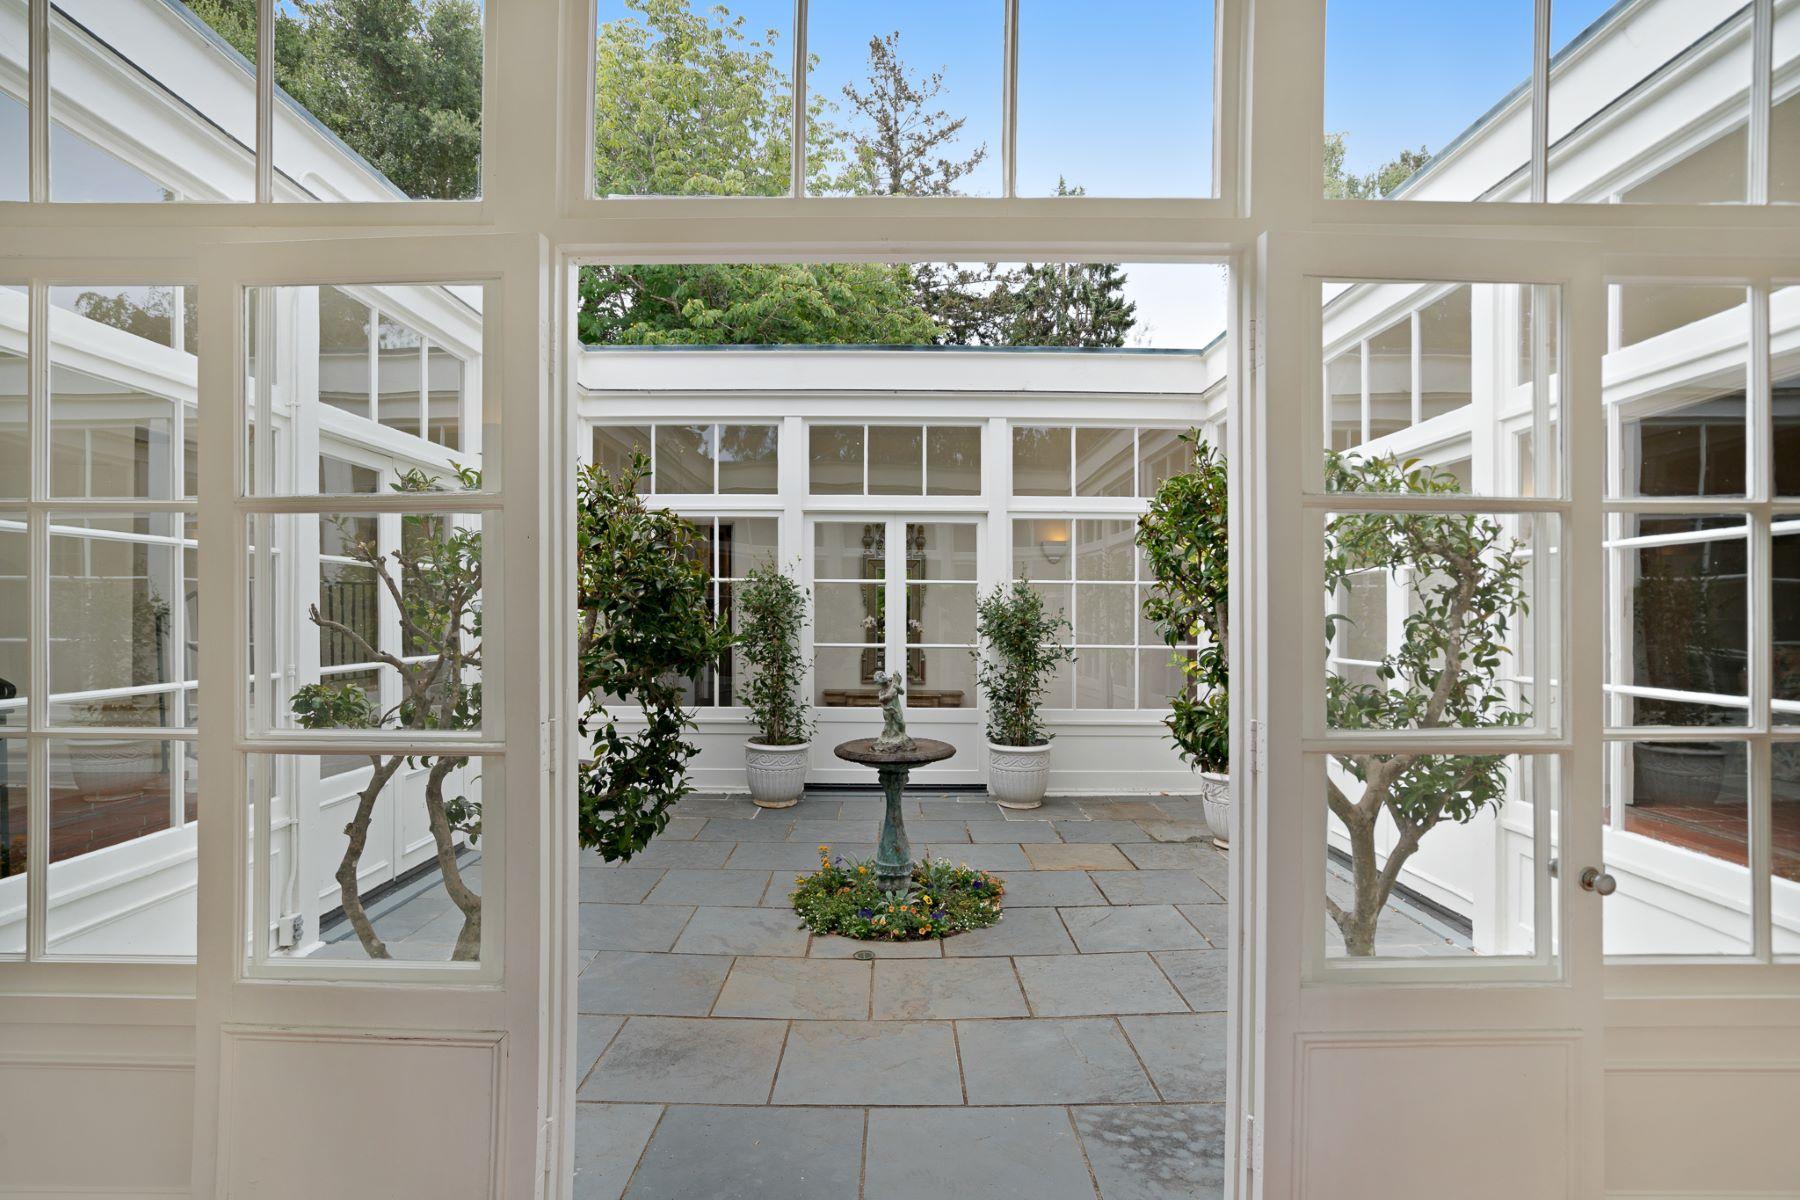 独户住宅 为 销售 在 980 Baileyana Road 希尔斯伯勒, 加利福尼亚州, 94010 美国